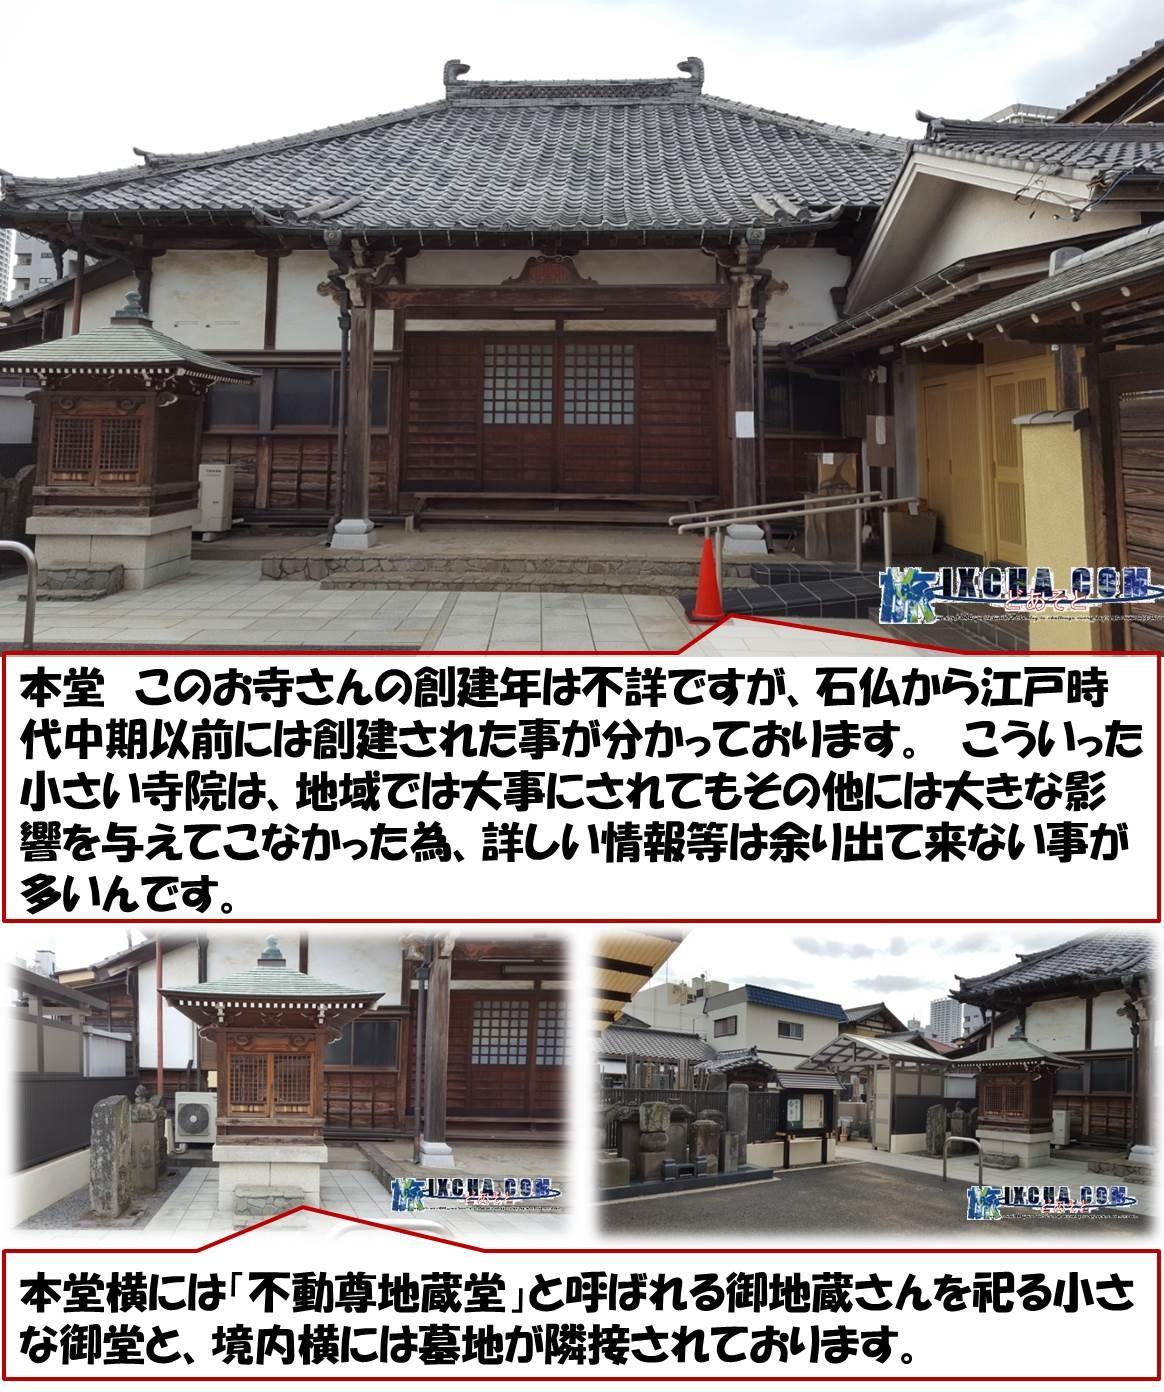 本堂 このお寺さんの創建年は不詳ですが、石仏から江戸時代中期以前には創建された事が分かっております。 こういった小さい寺院は、地域では大事にされてもその他には大きな影響を与えてこなかった為、詳しい情報等は余り出て来ない事が多いんです。 本堂横には「不動尊地蔵堂」と呼ばれる御地蔵さんを祀る小さな御堂と、境内横には墓地が隣接されております。